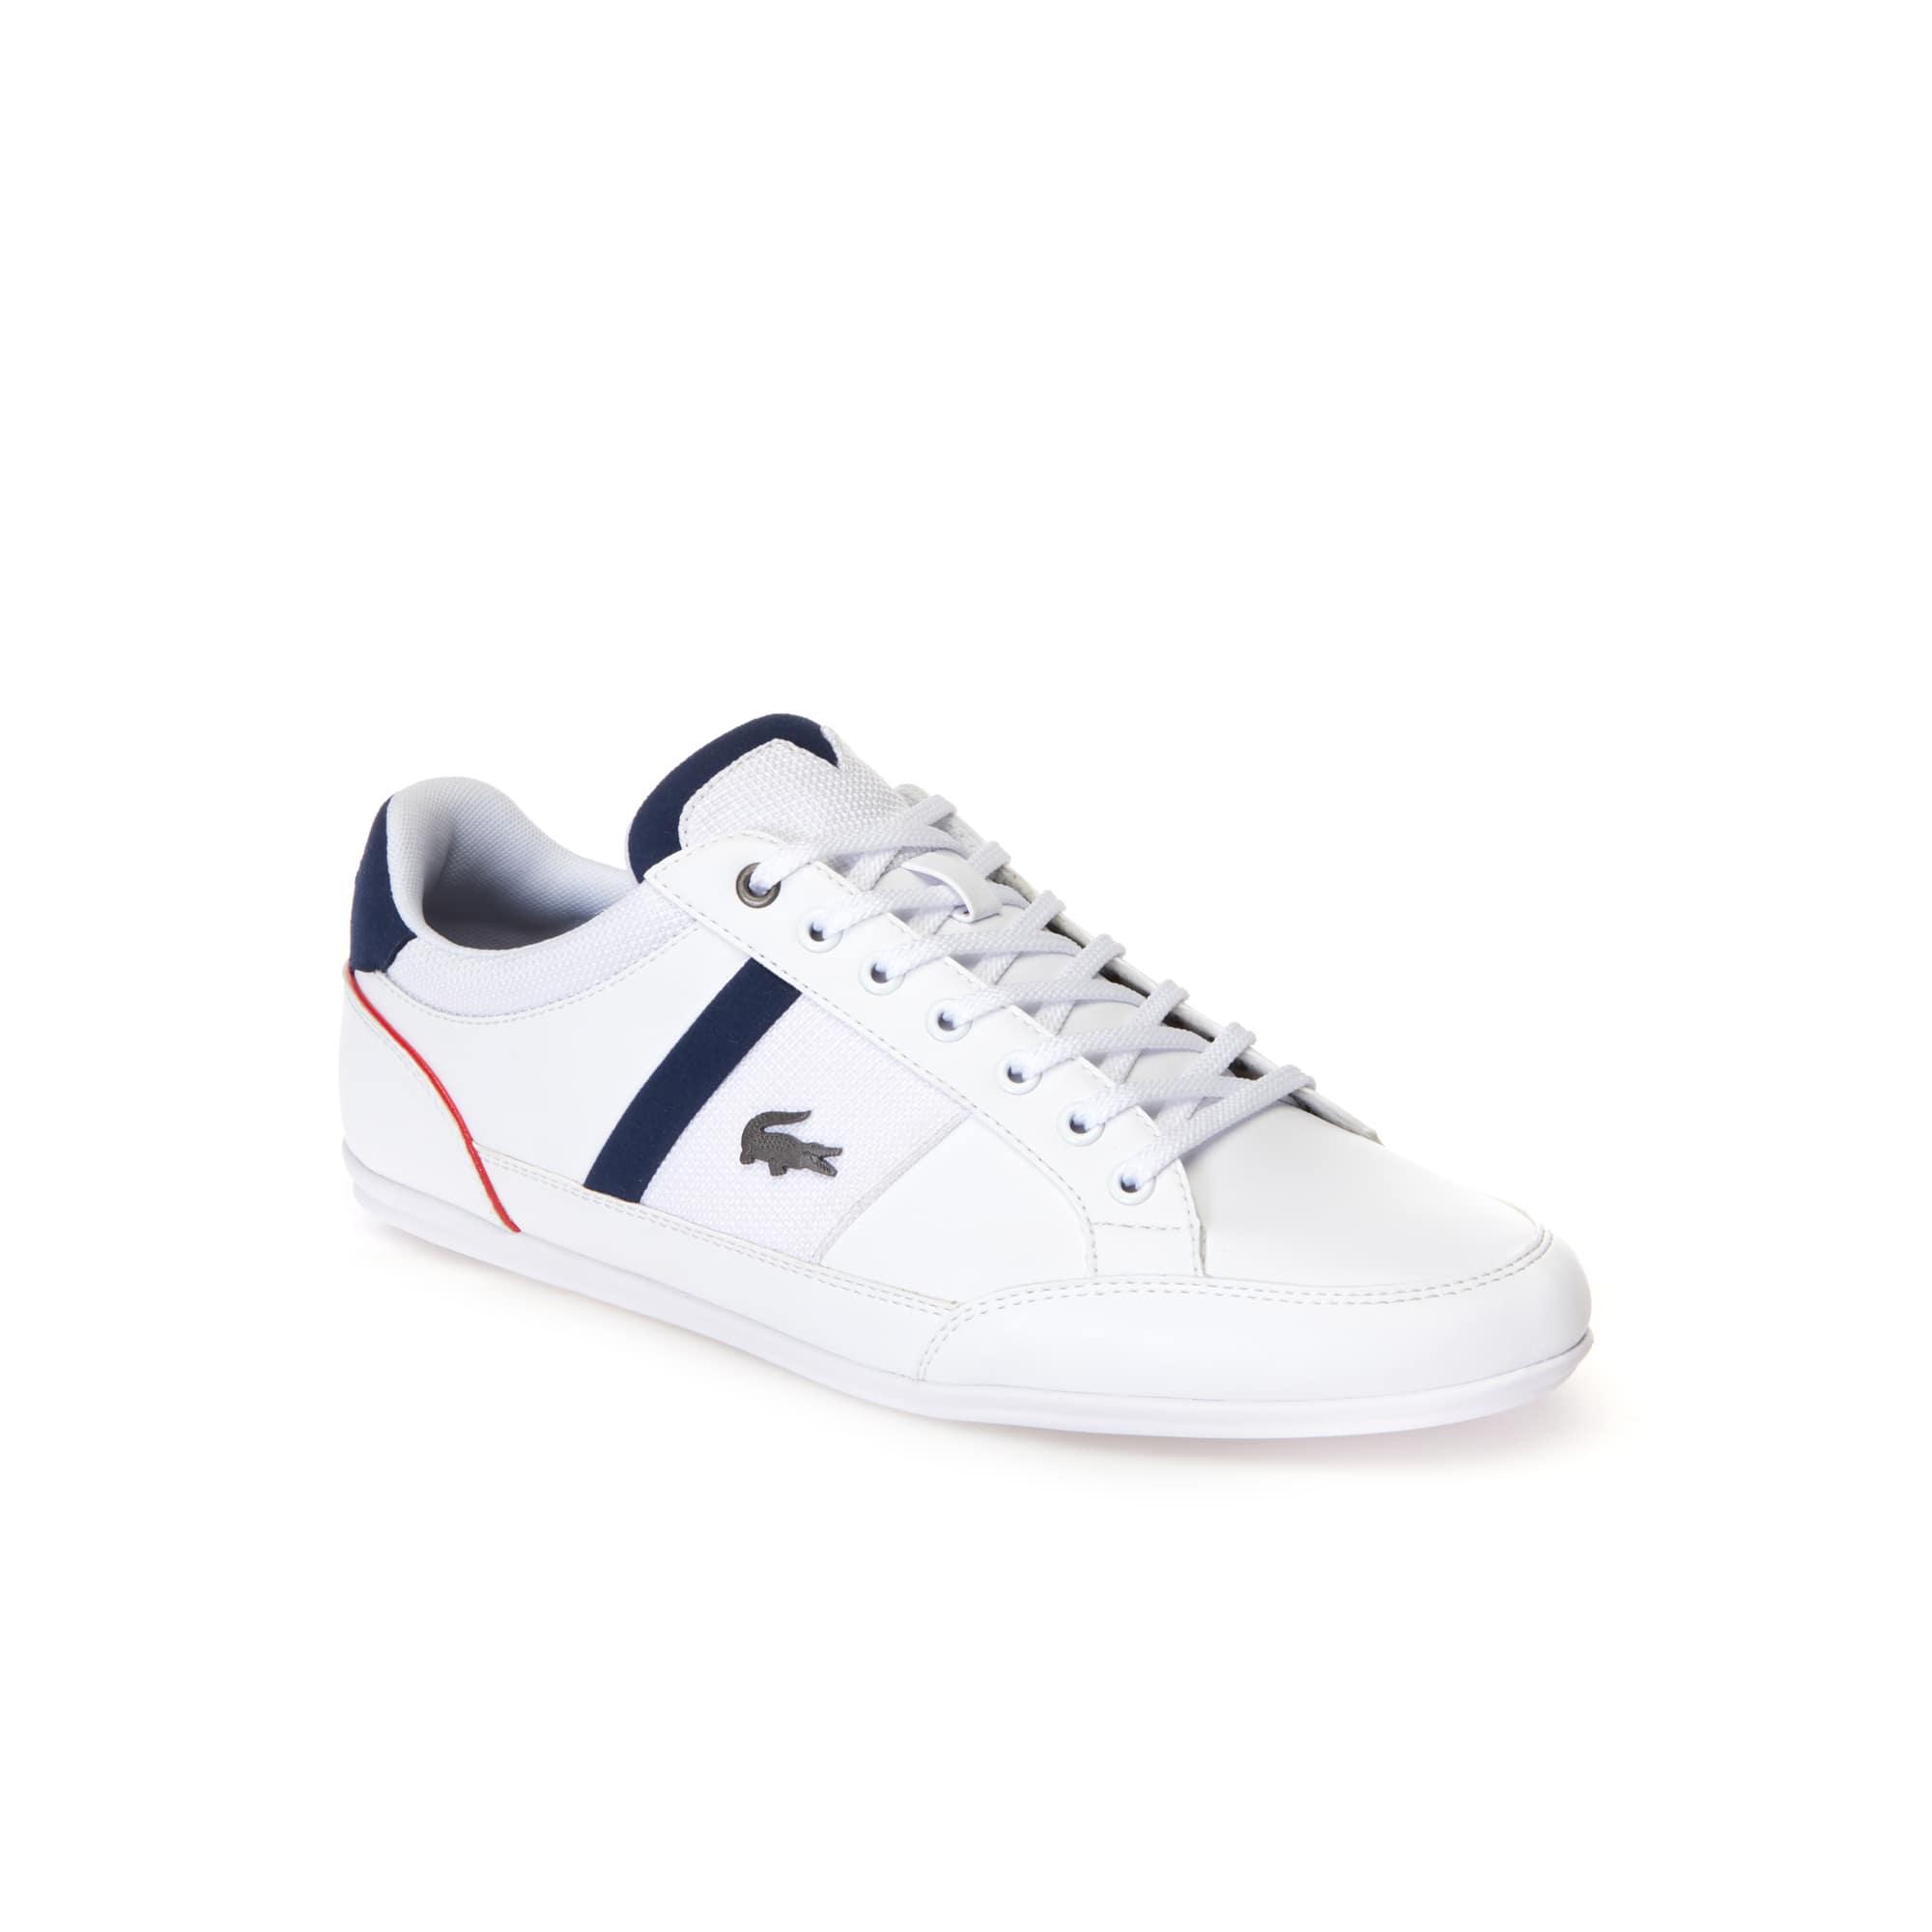 Herren-Sneakers CHAYMON aus Nappaleder und Mesh